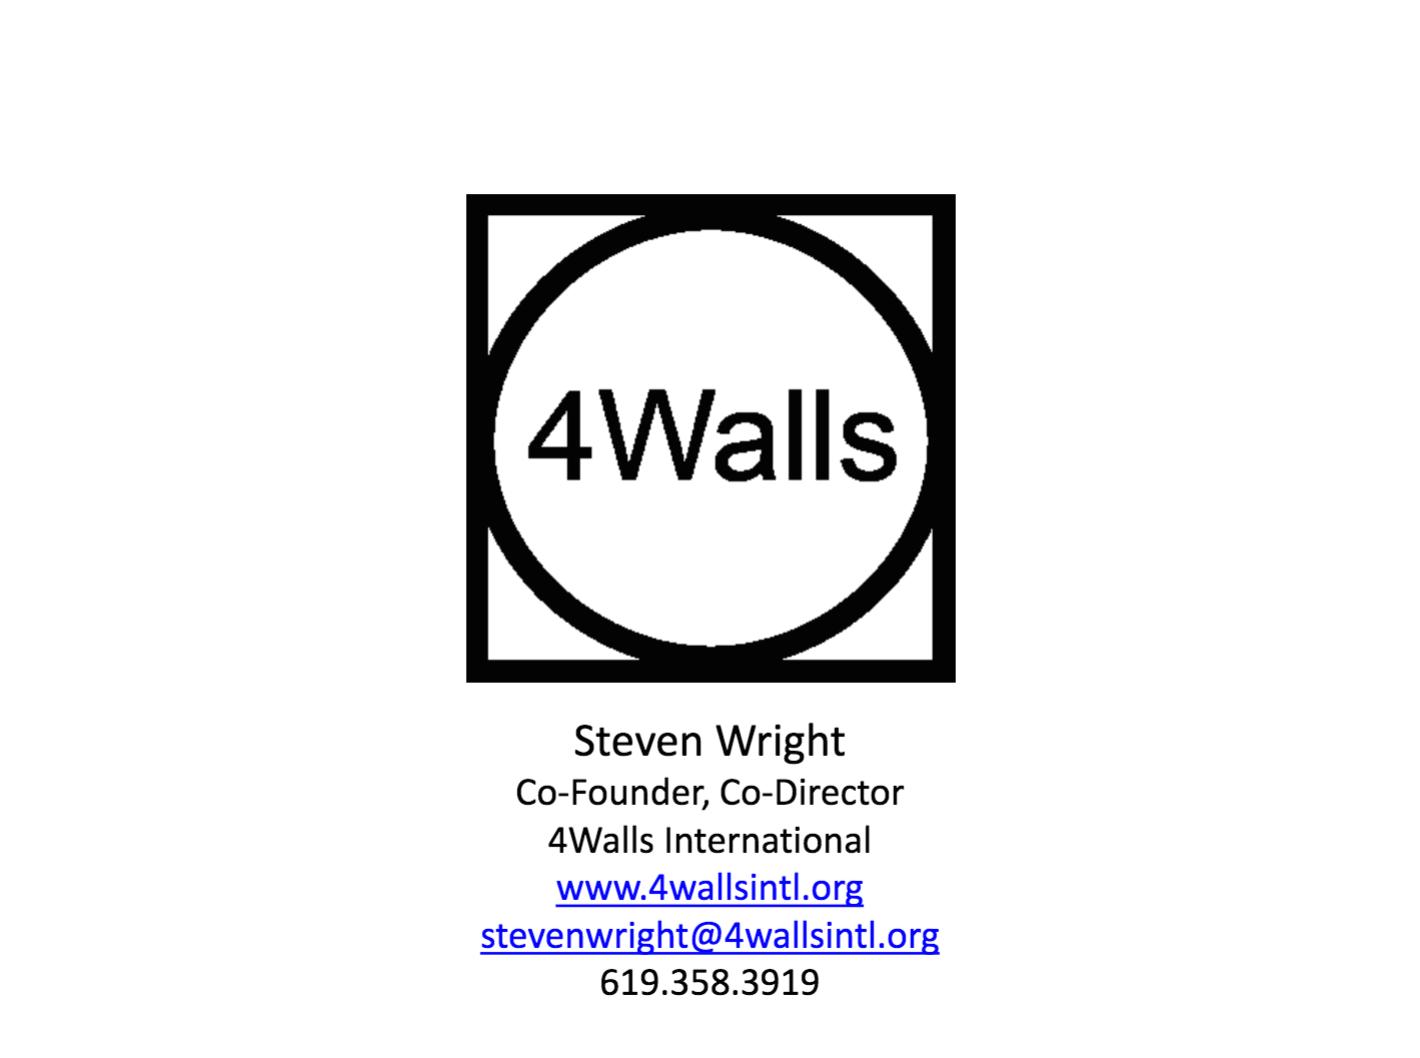 4Walls_presentation.png